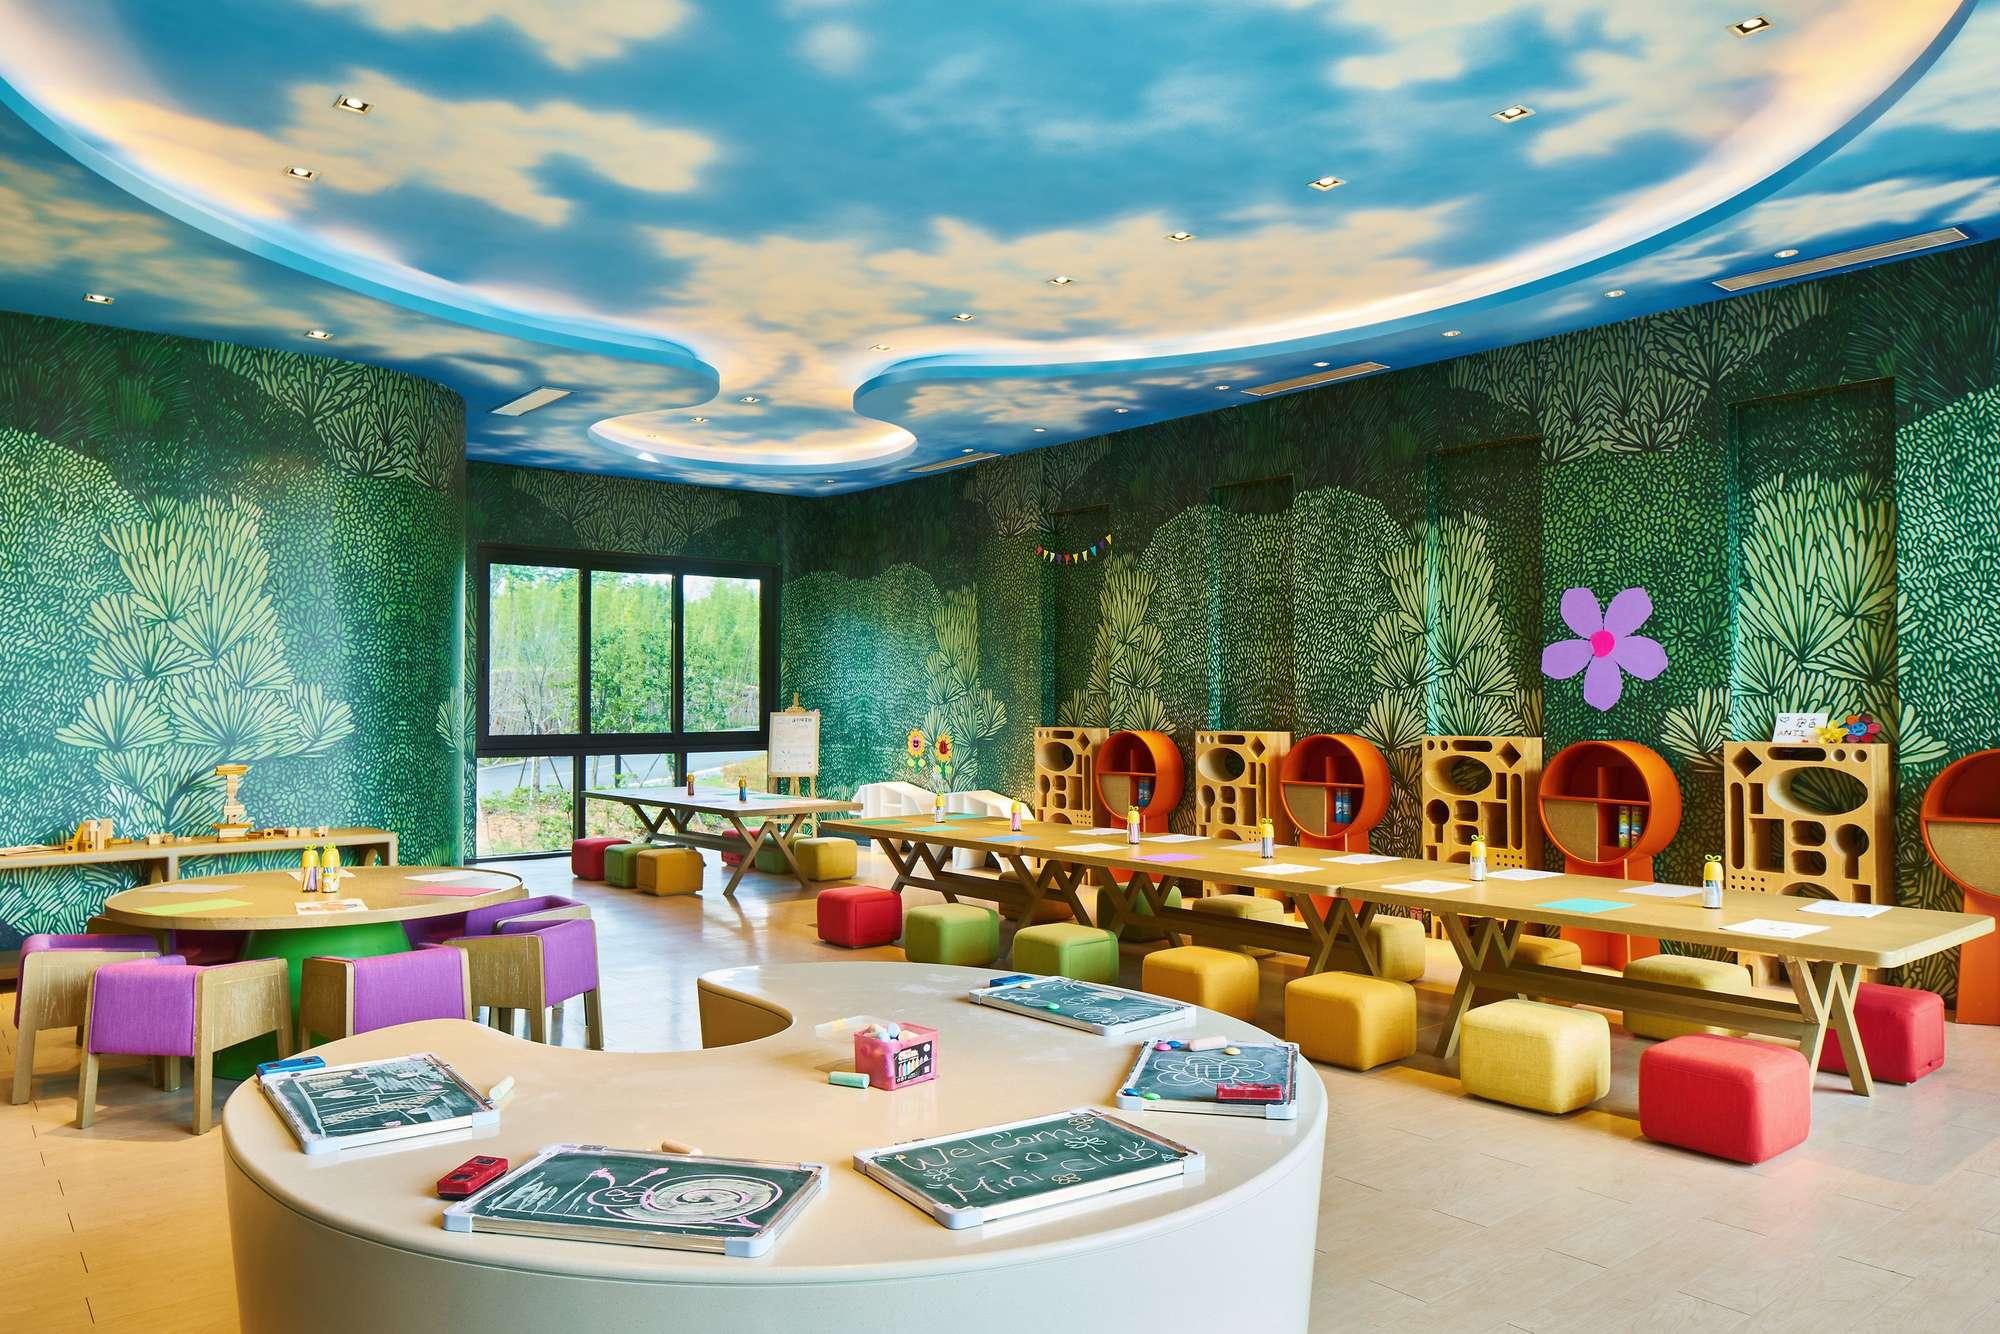 hk_c_https___ns.clubmed.com_dream_JOYVIEW_Anji_174361-hwbycudllg-swhr.jpg